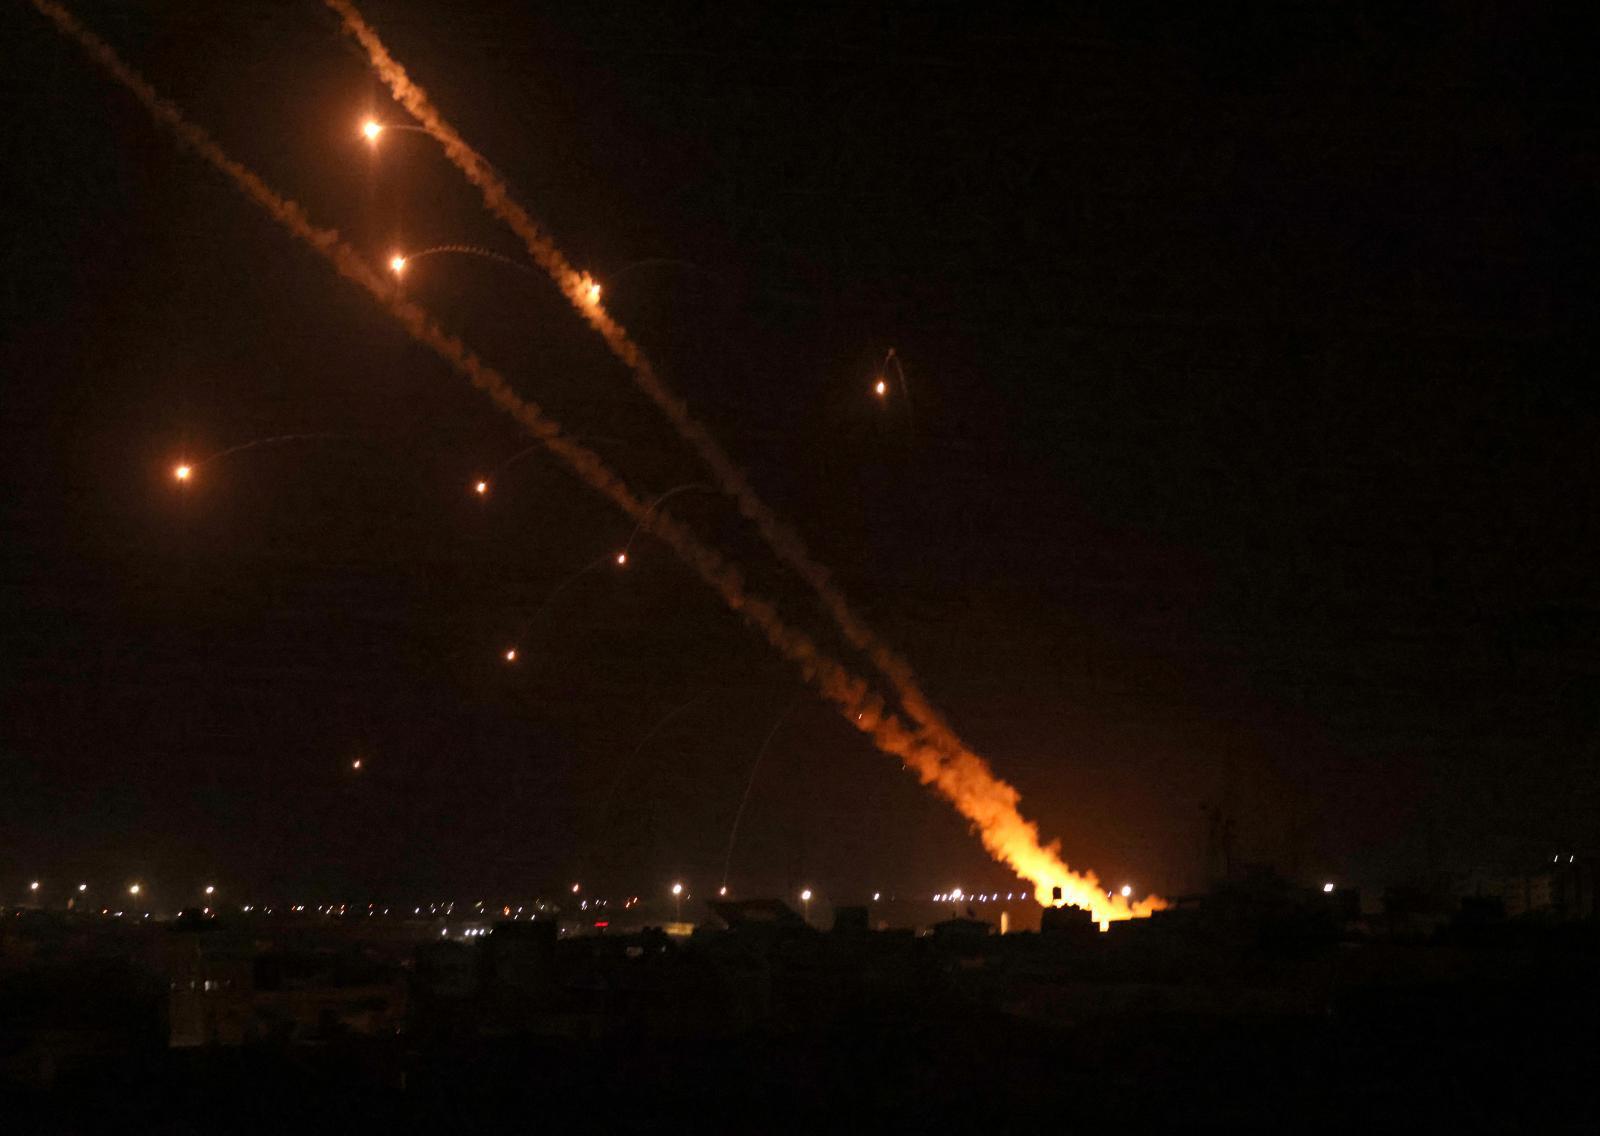 กลุ่มฮามาส ยิงจรวดกว่า 100 ลูก ถล่มเมืองเยรูซาเลม ตอบโต้อิสราเอล